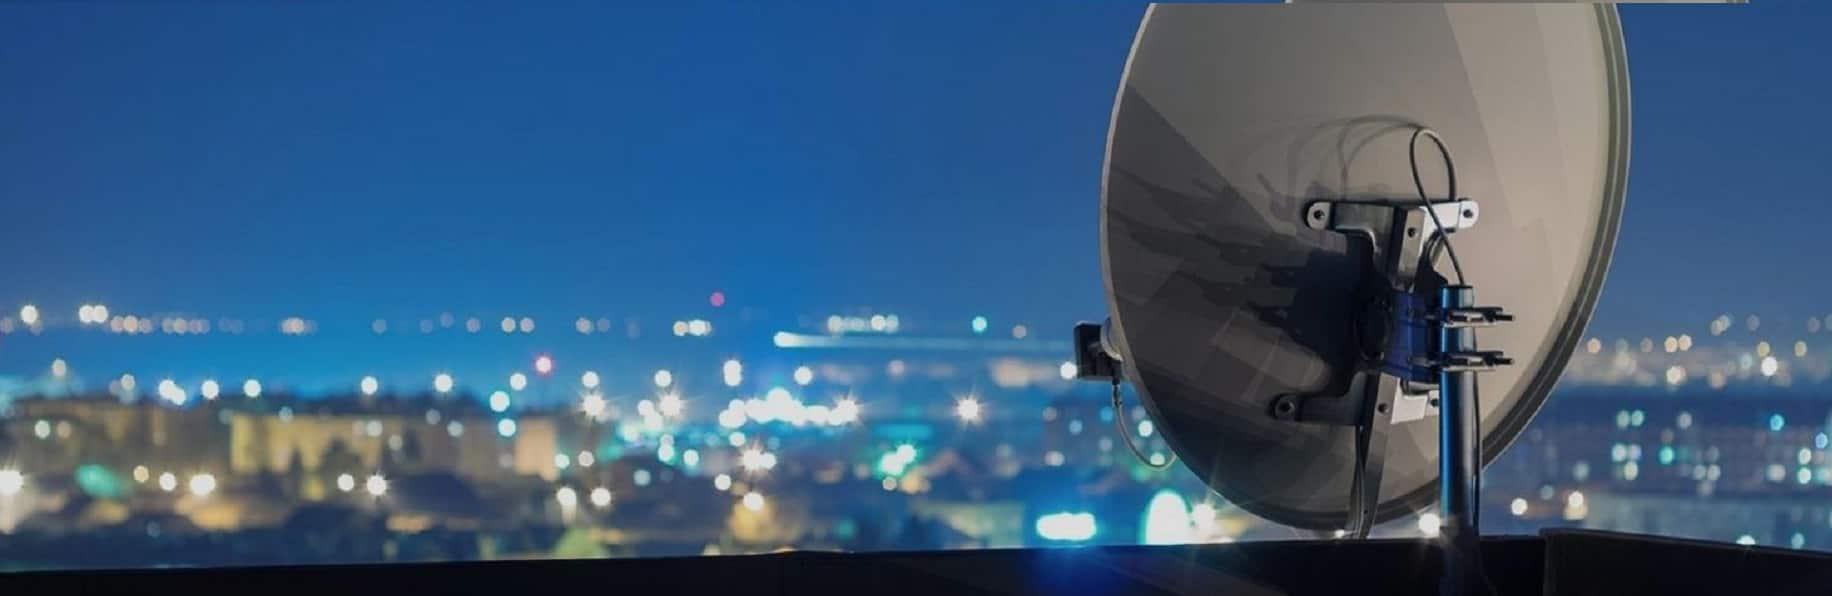 Slider çanak anten